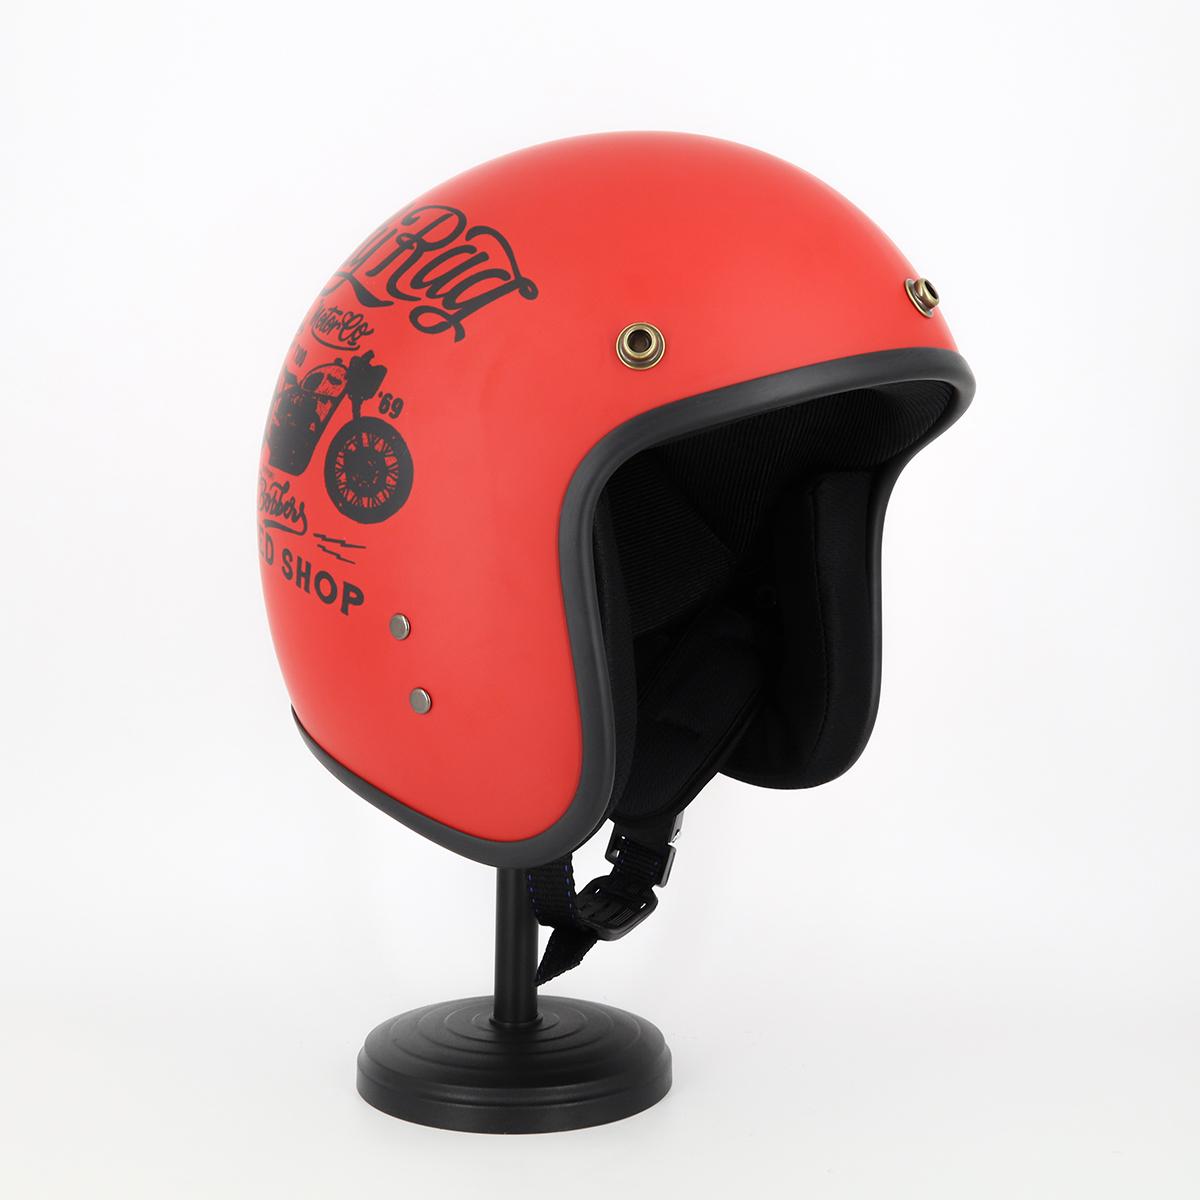 Mũ Bảo Hiểm 3 4 Đầu Tem Xe Cực Chất - Mũ Bảo Hiểm Chuyên Phượt Cao Cấp 3